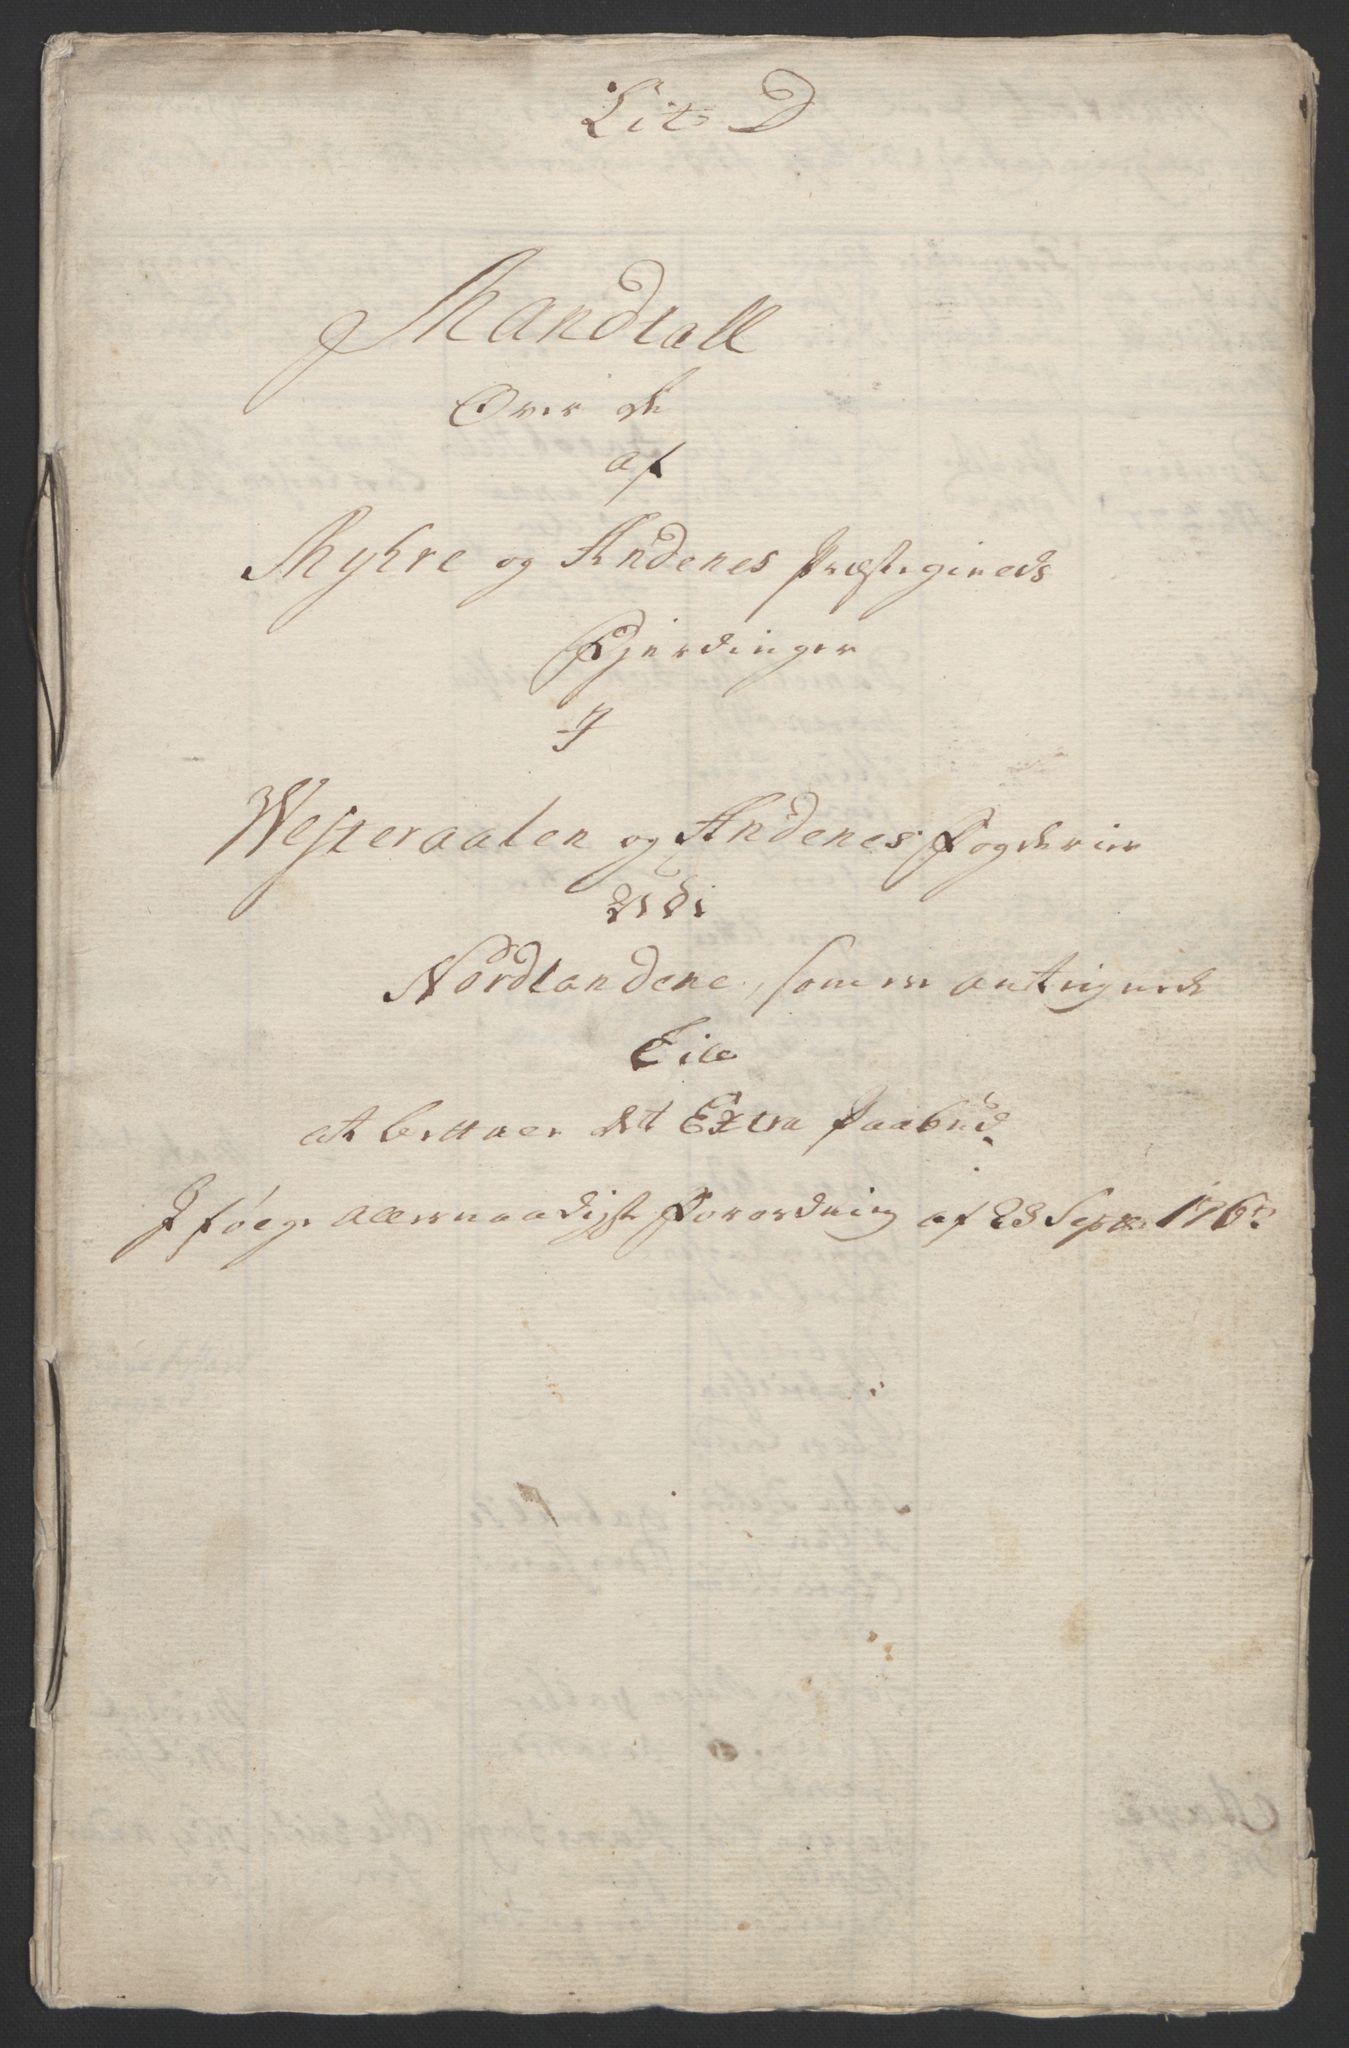 RA, Rentekammeret inntil 1814, Reviderte regnskaper, Fogderegnskap, R67/L4747: Ekstraskatten Vesterålen, Andenes og Lofoten, 1762-1766, s. 87